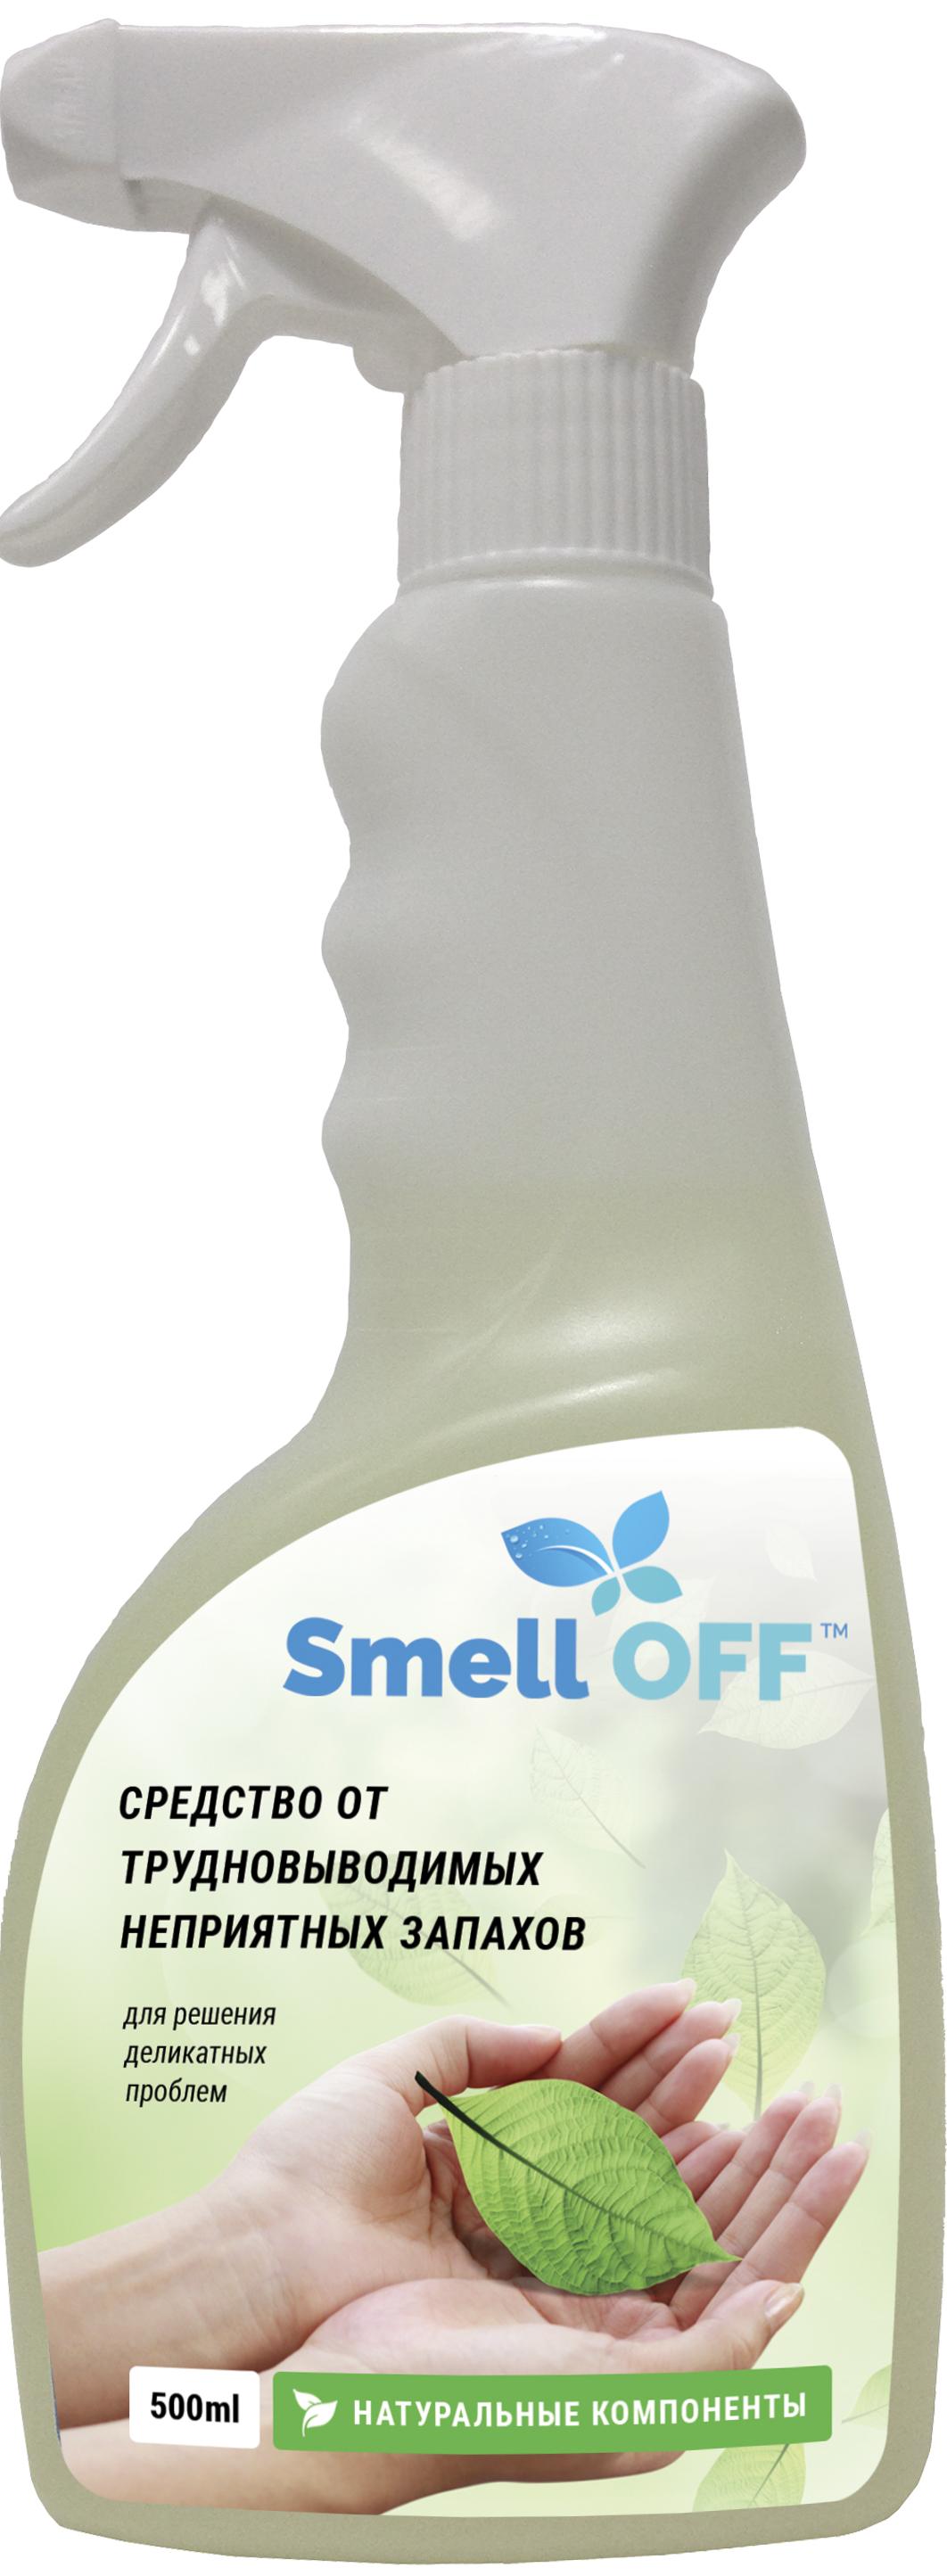 SmellOFF для решения деликатных проблем с запахамиНейтрализаторы запахов<br><br>